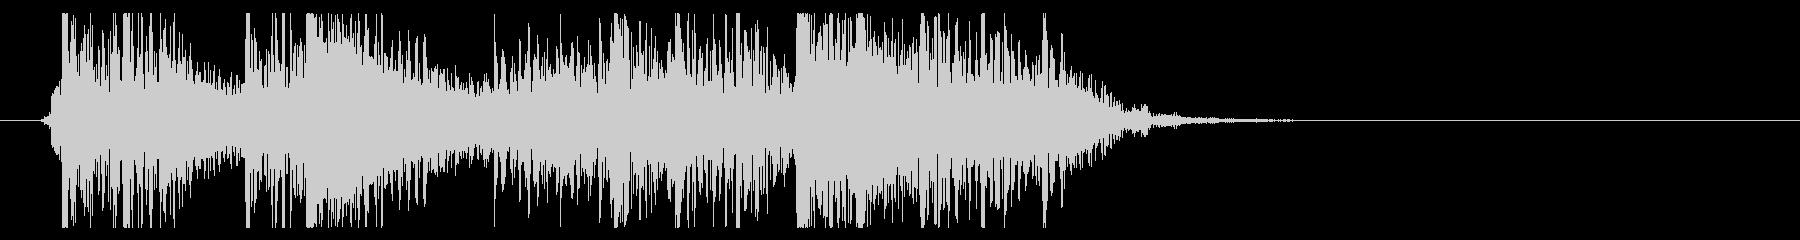 ヘヴィイメタル風のジングルの未再生の波形